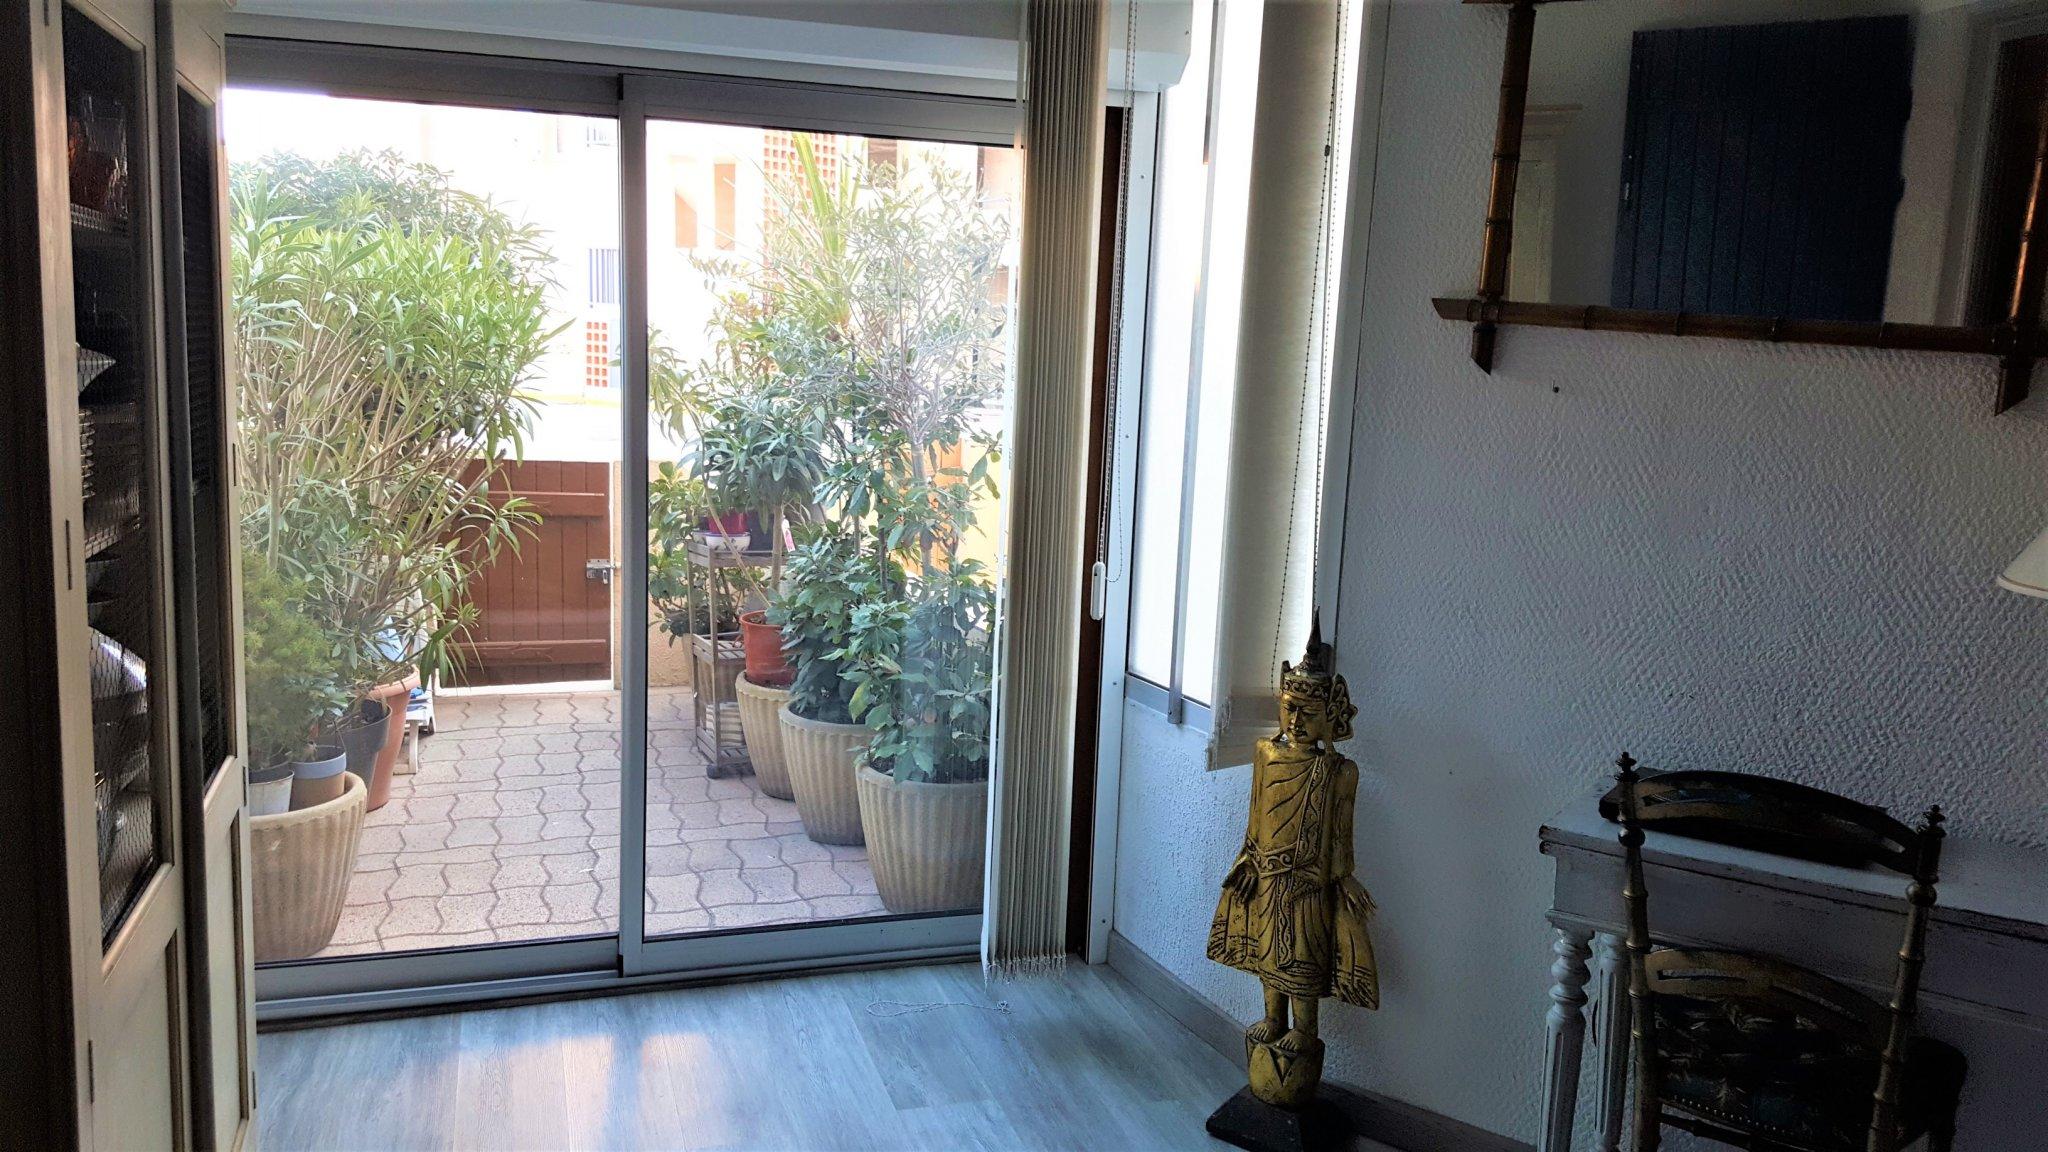 Vente Appartement Rez-De-Jardin En Très Bon État concernant Appartement Rez De Jardin Dijon